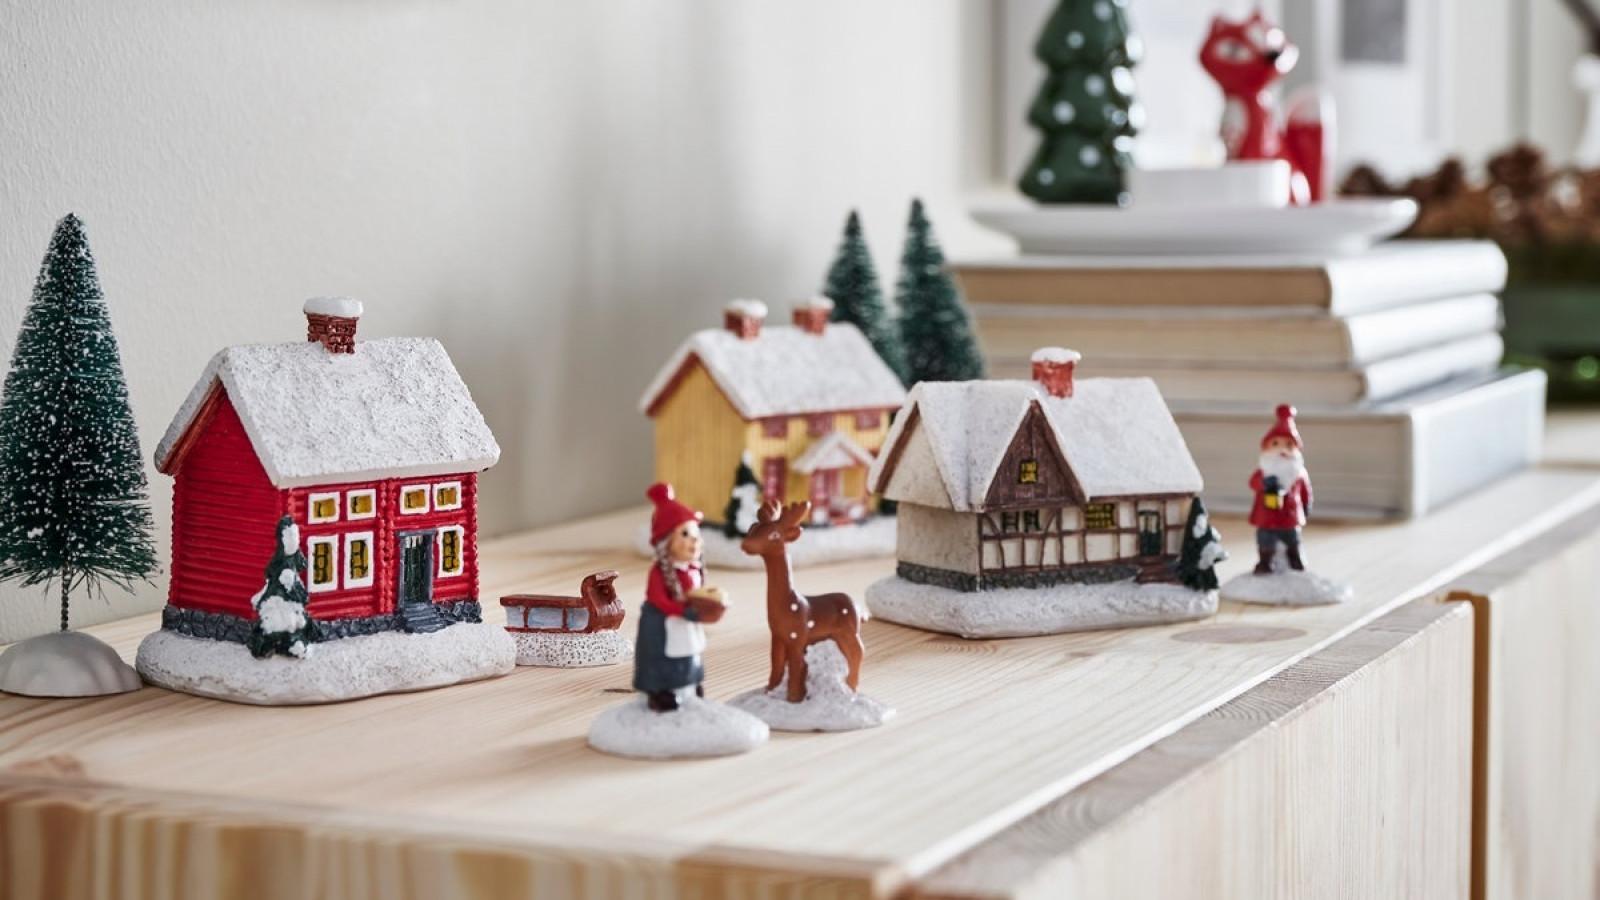 Komm vorbei: der Weihnachtsmarkt ist eröffnet!